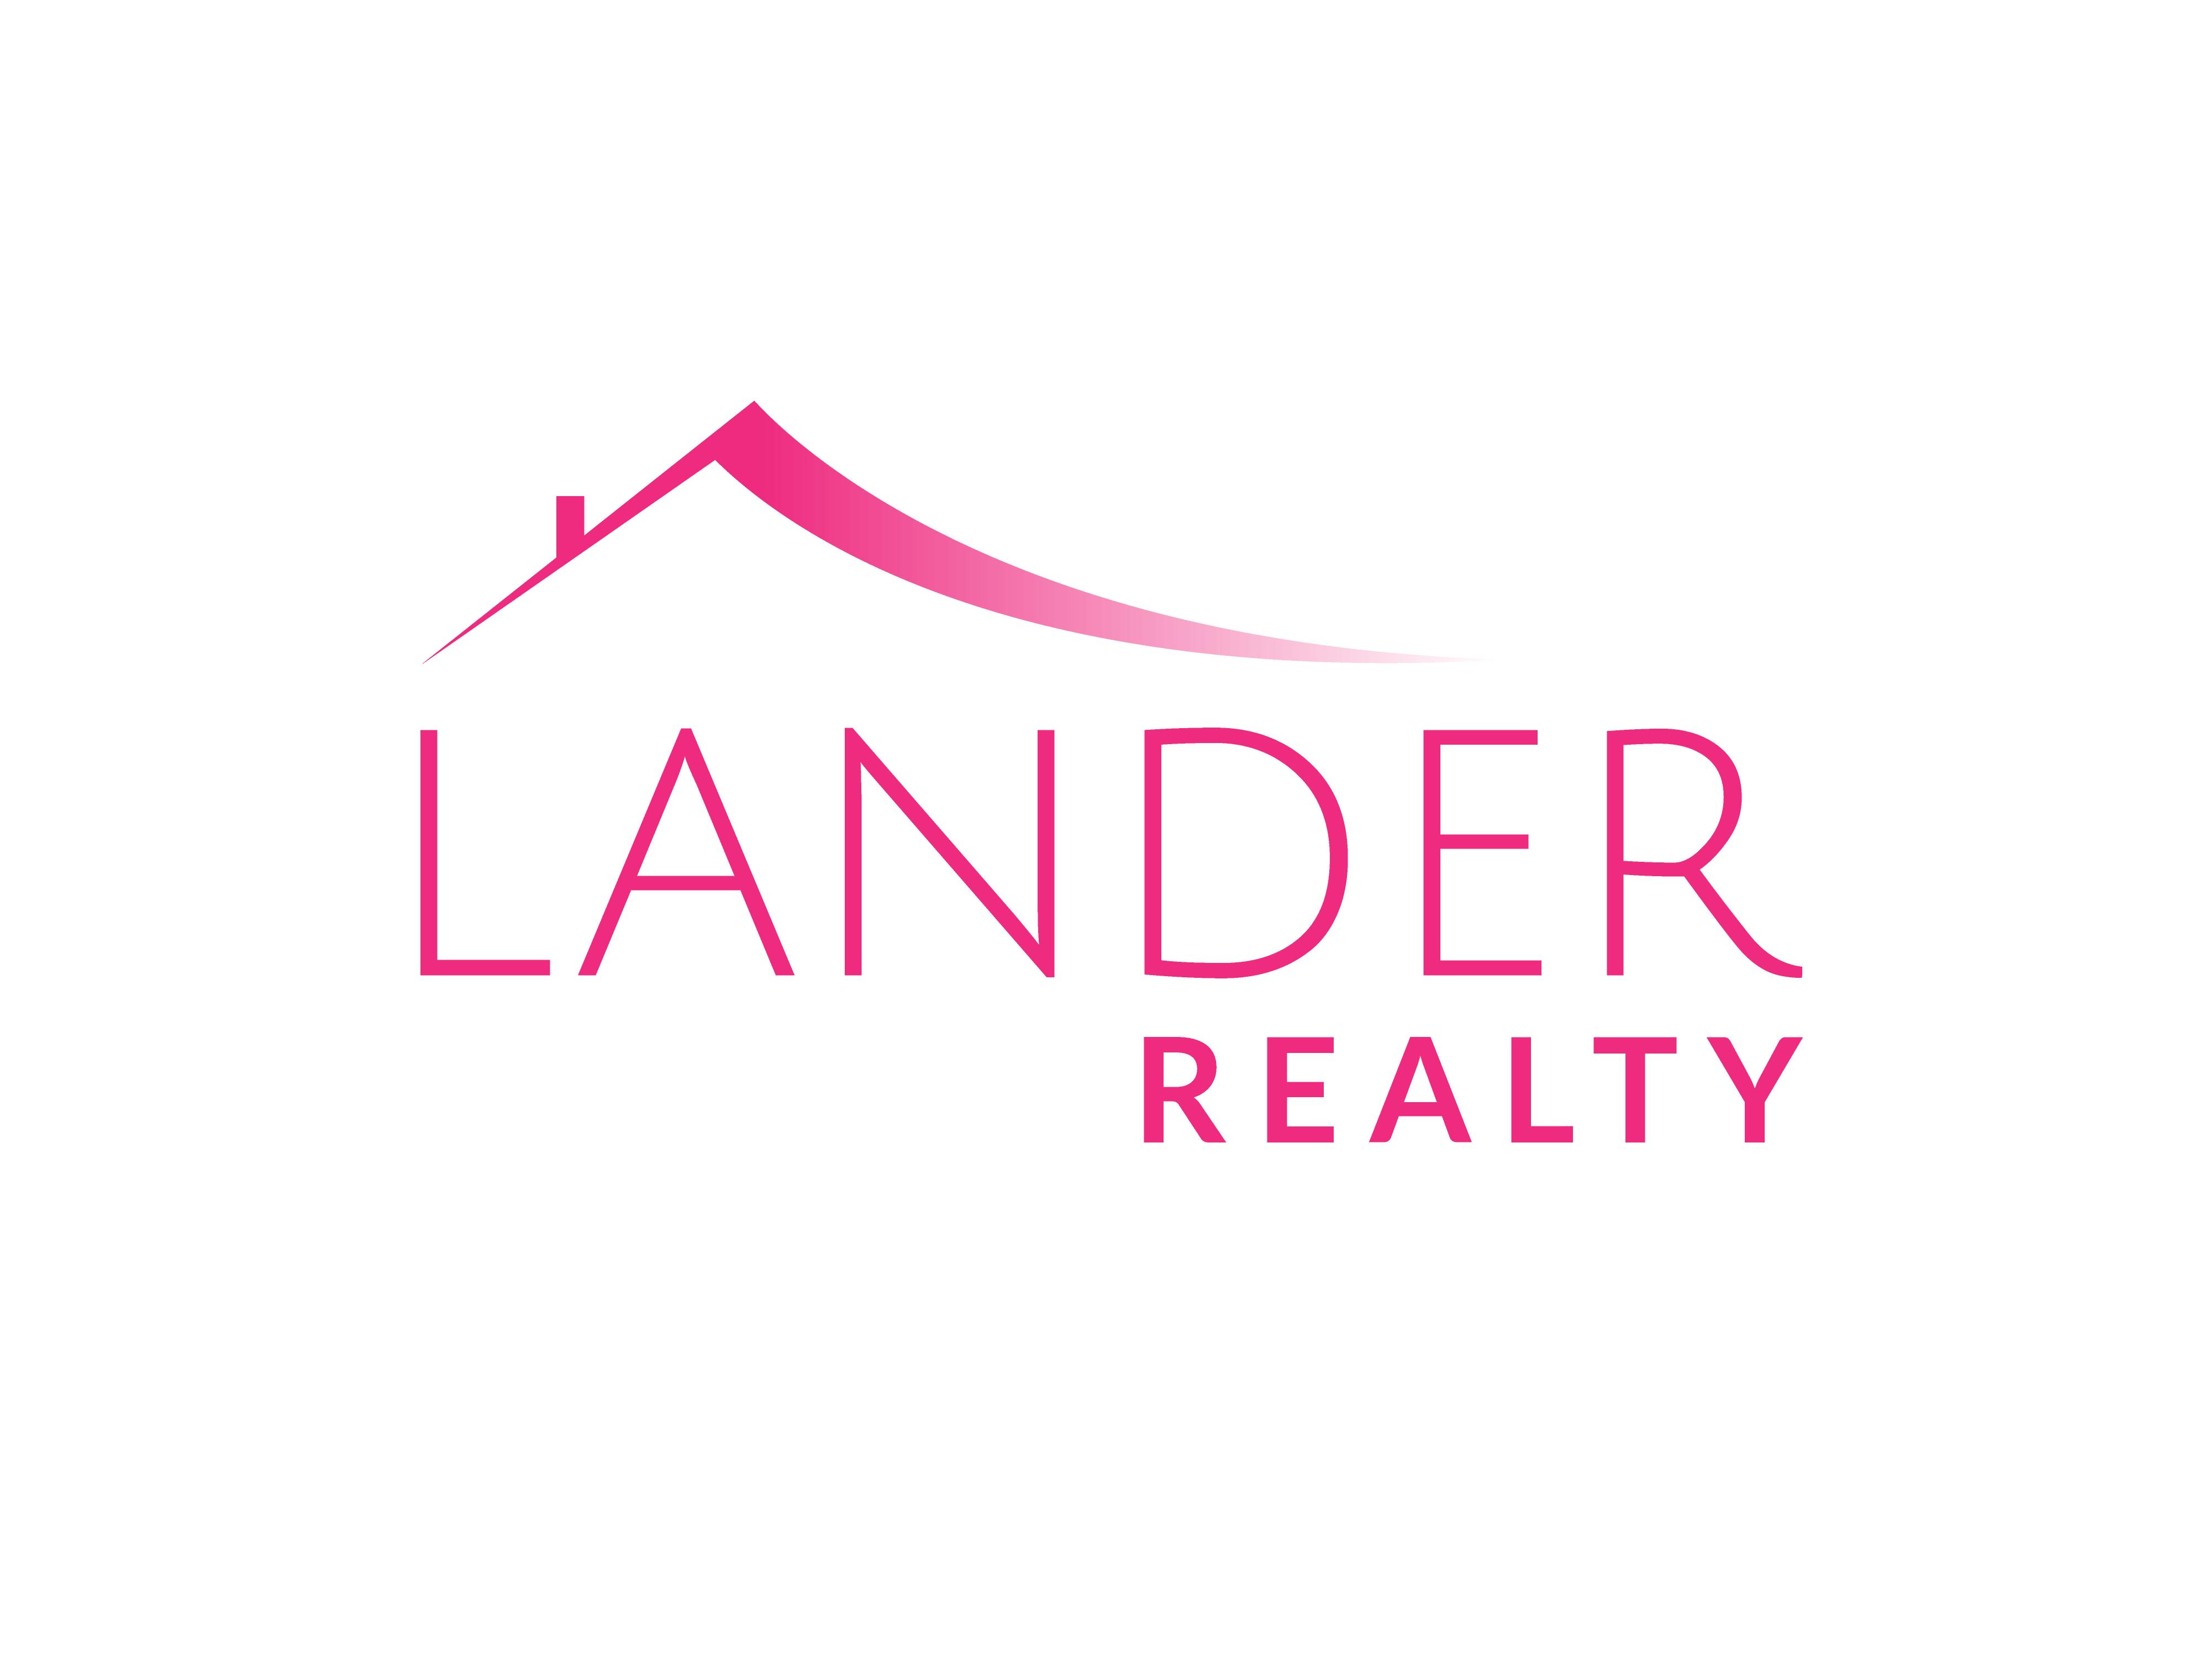 Pink logo for Lander Realty